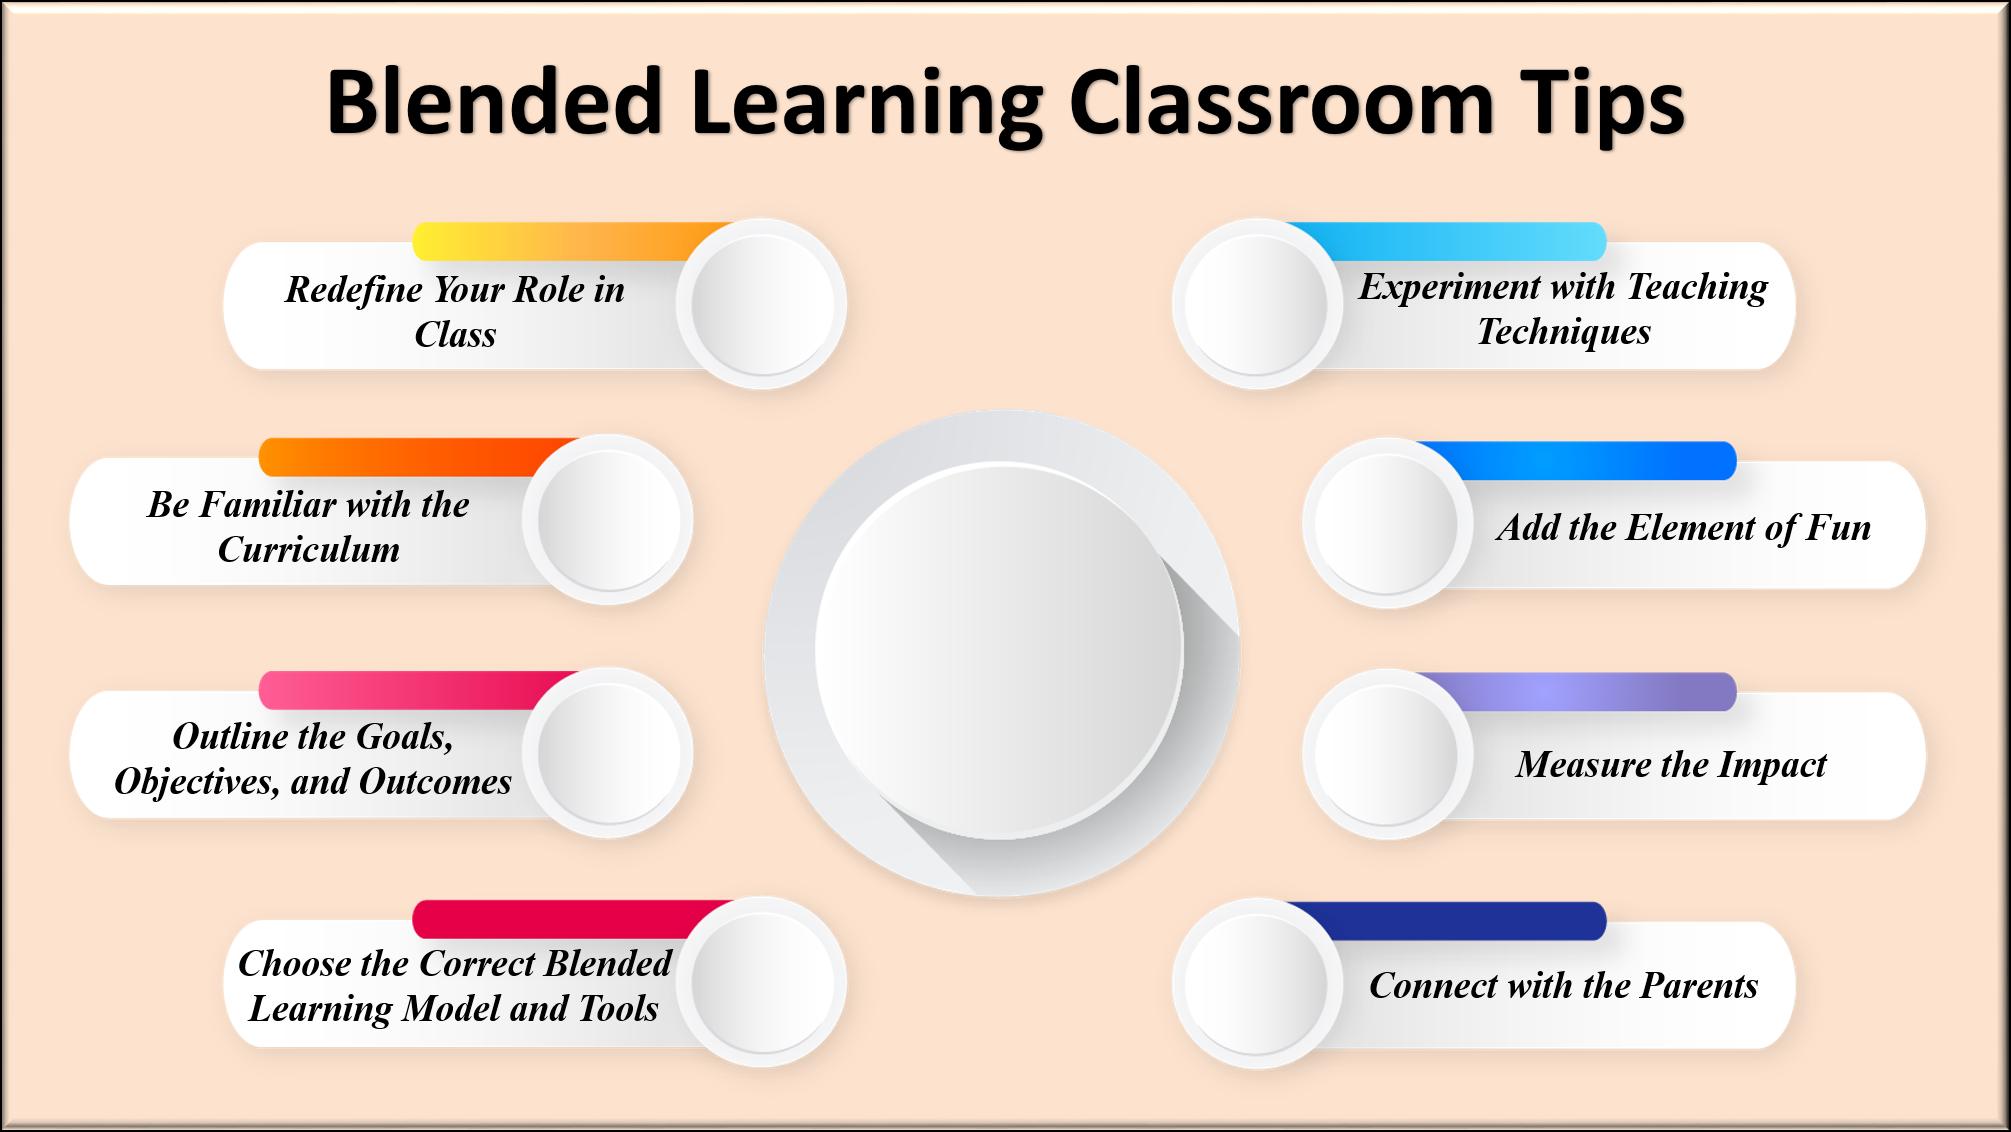 Blended Learning Tips